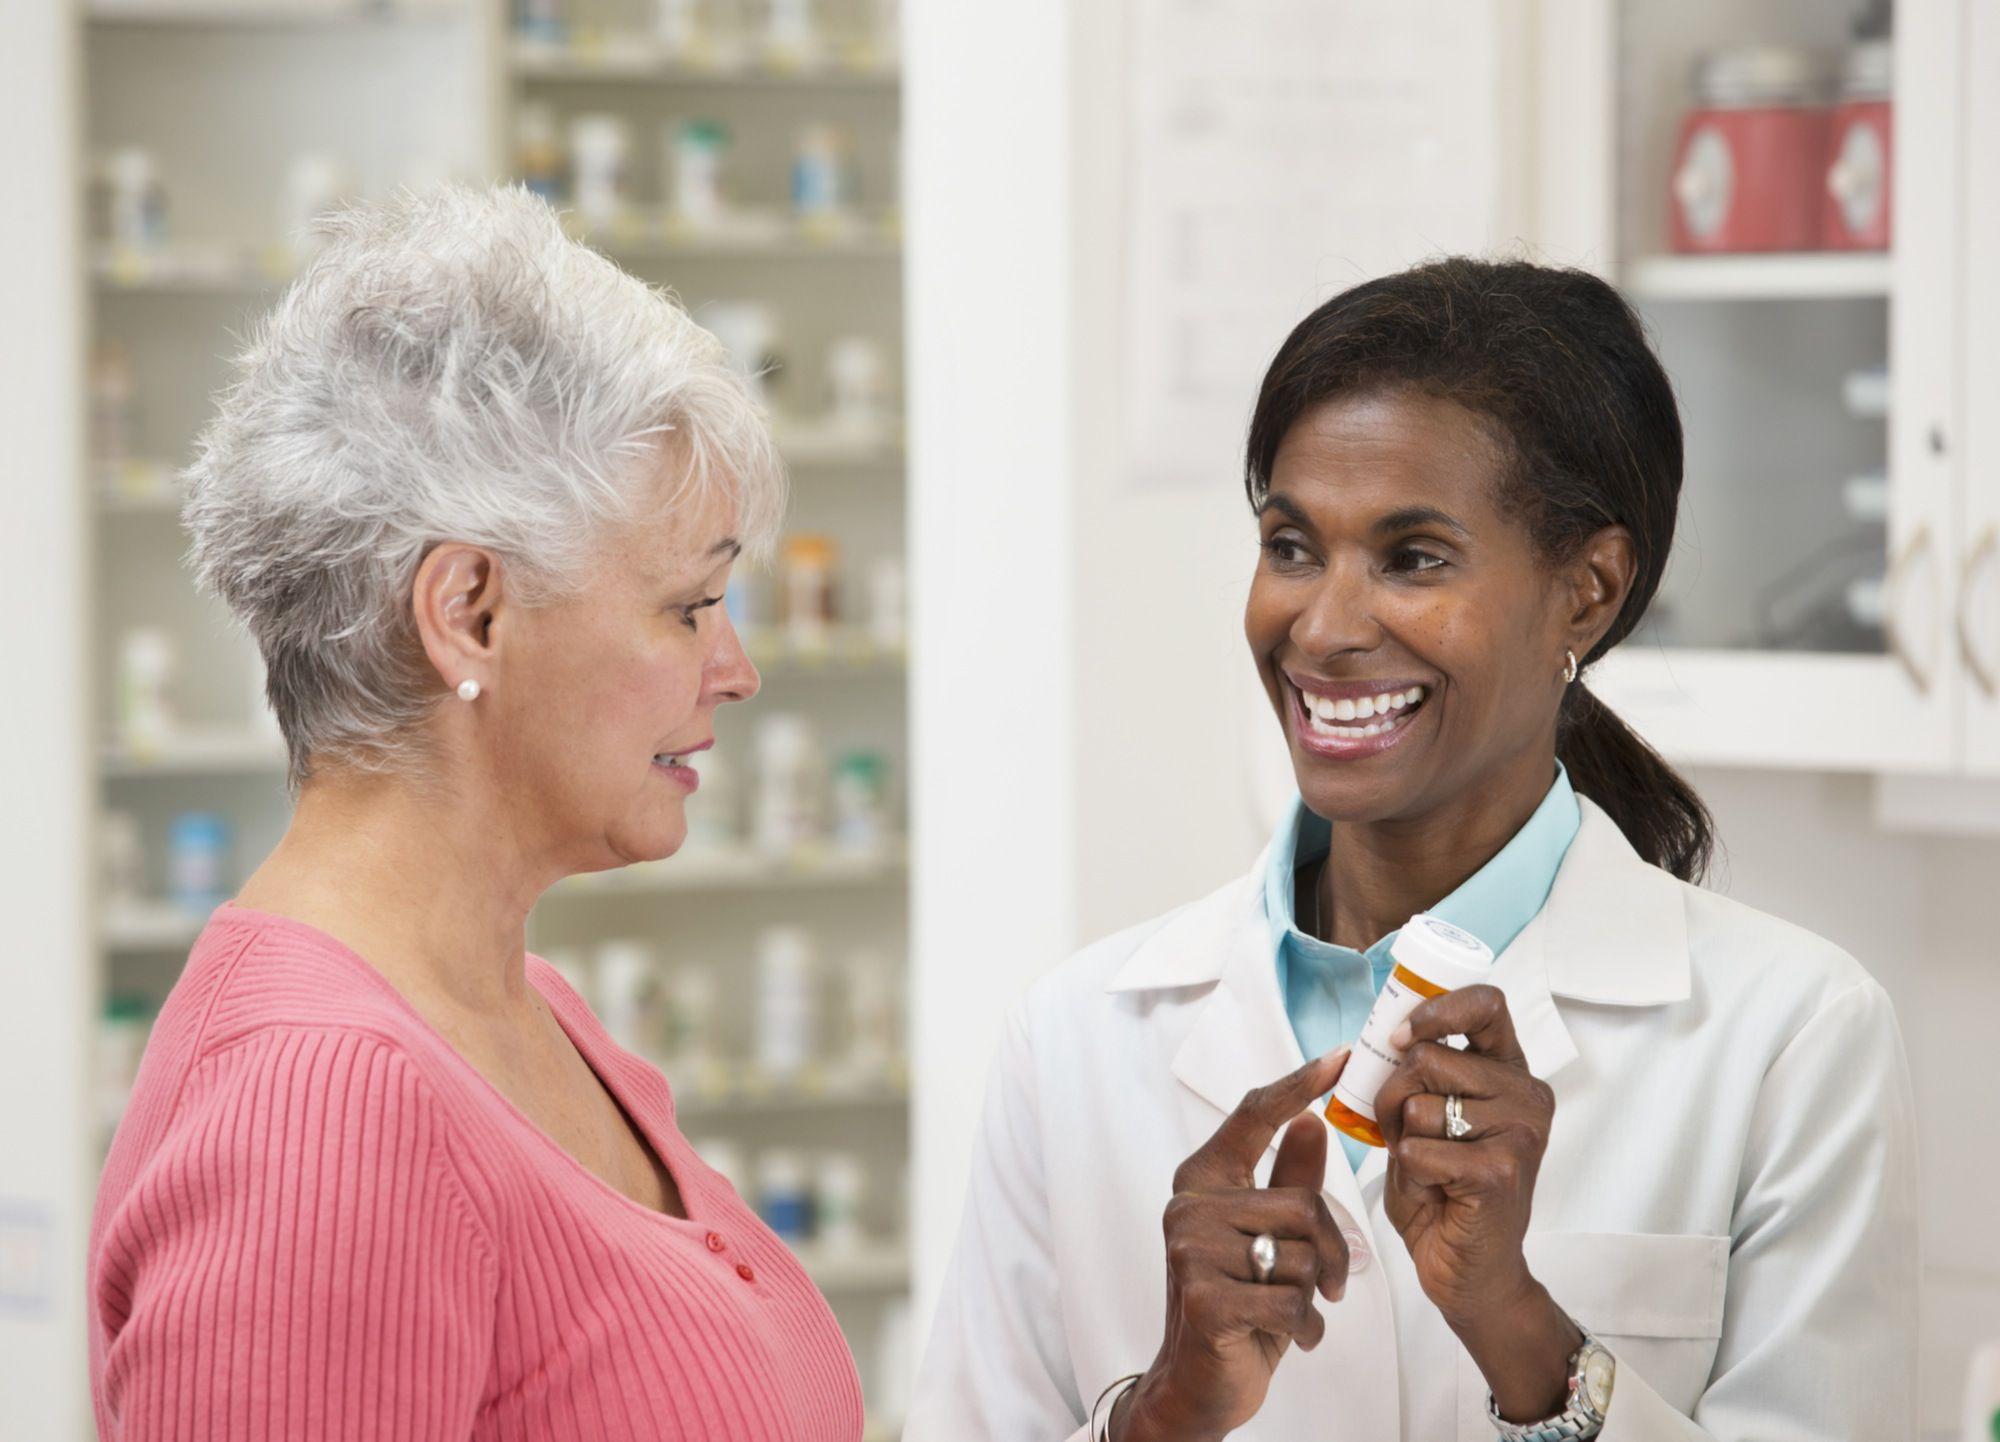 Все, что нужно знать об использовании трилепта при биполярном расстройстве